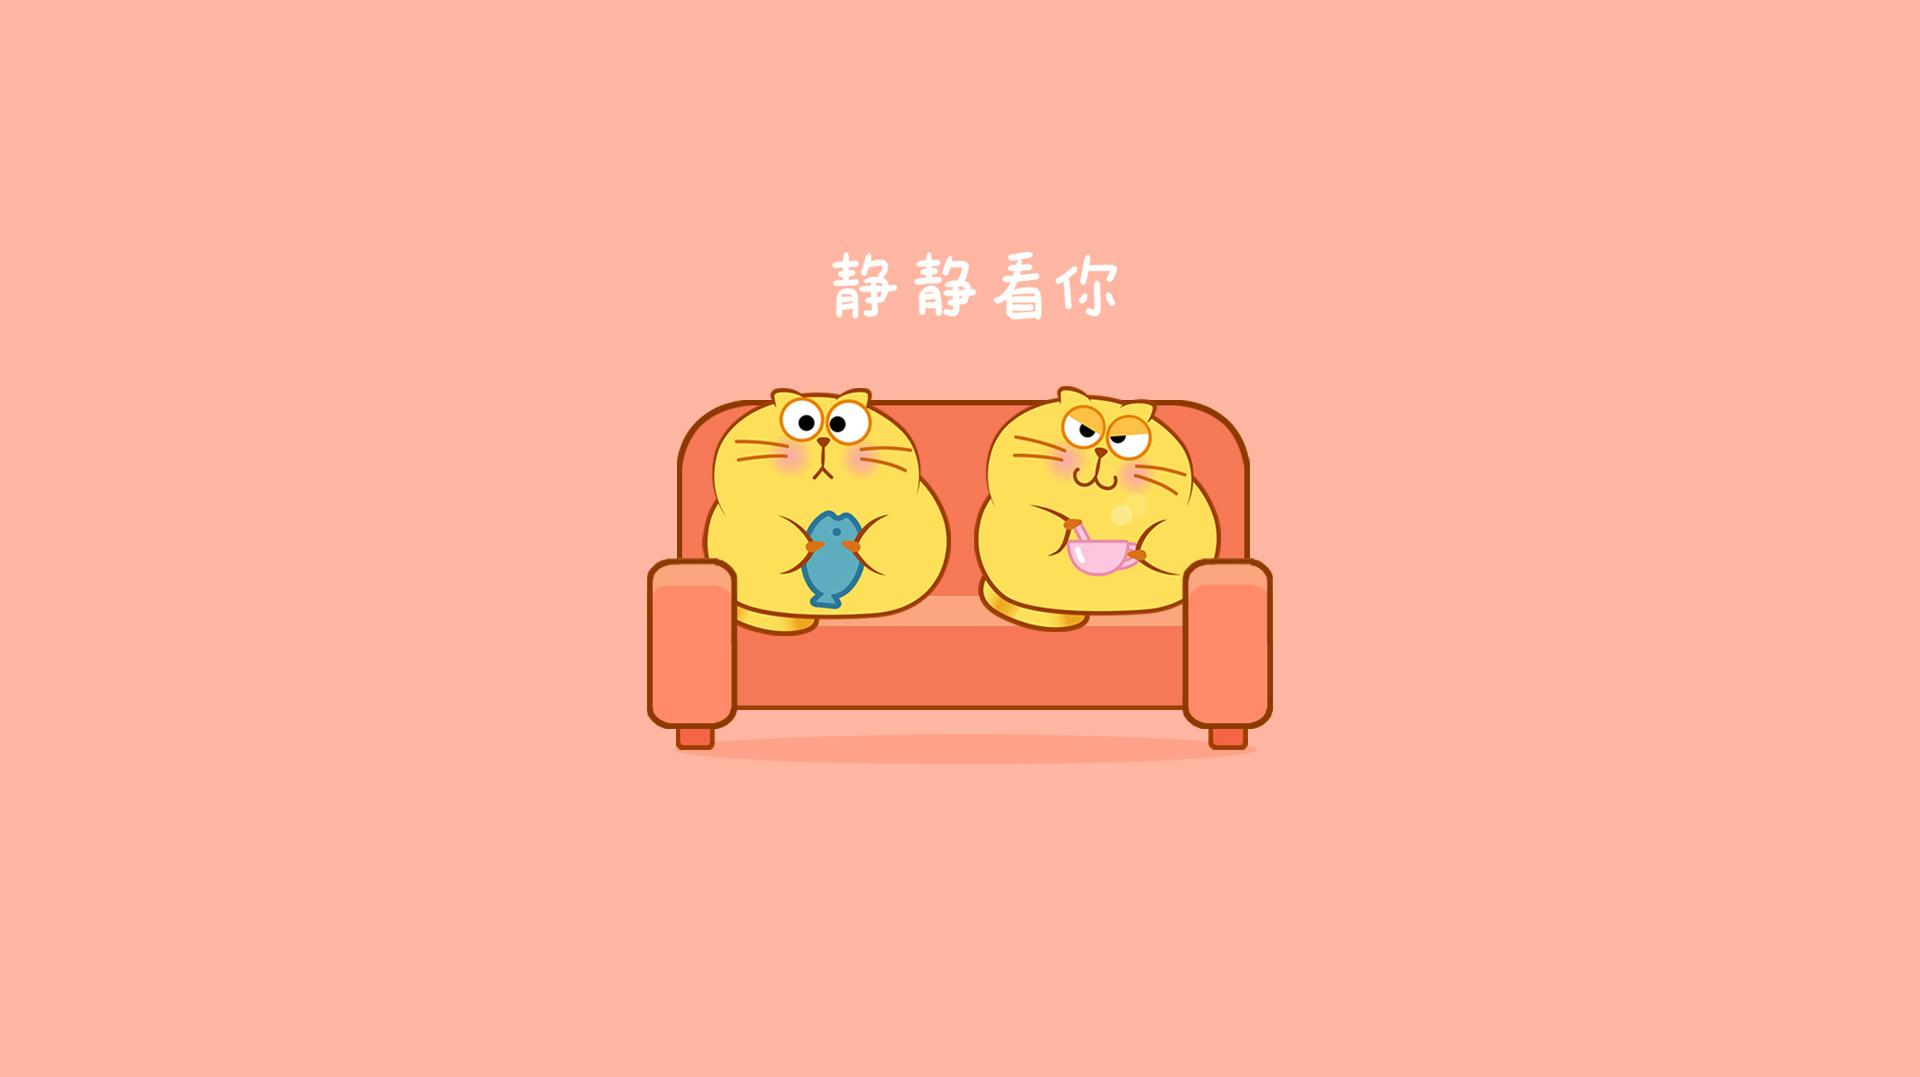 蛋黄猫与噗噗猫的爱情故事